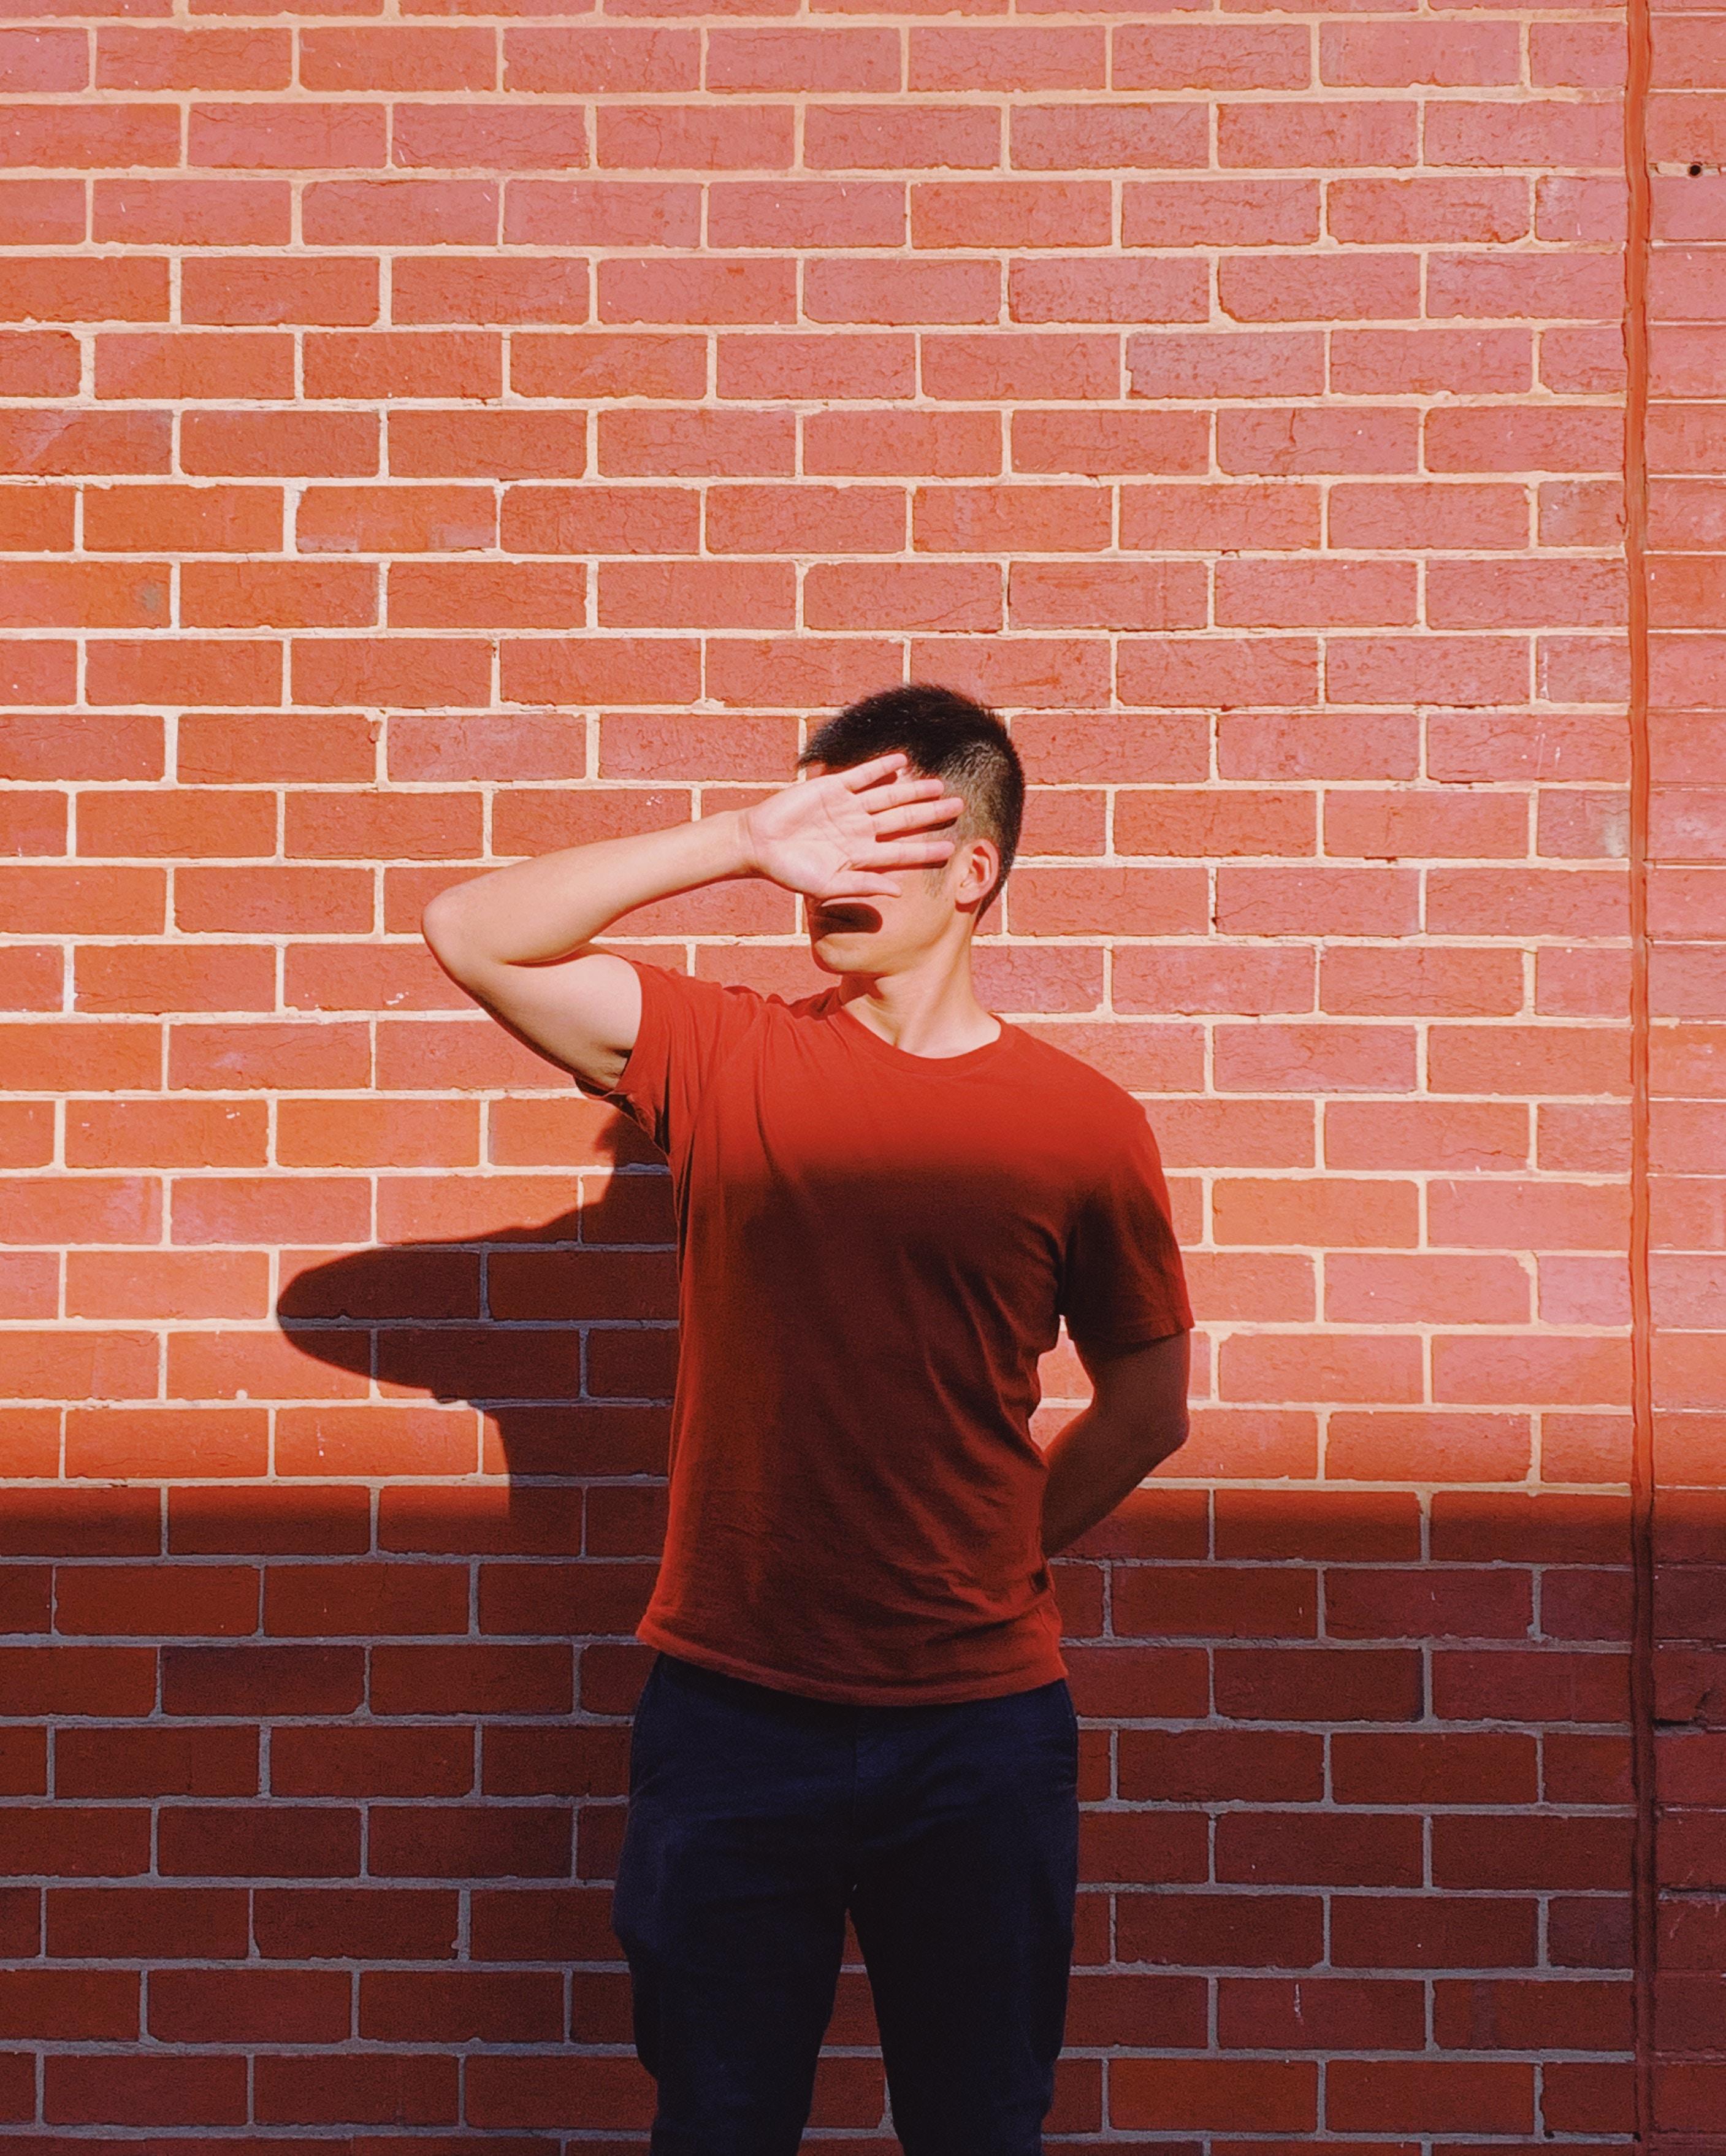 Start up - czym nie jest? Mężczyzna stojący na tle ceglanej ściany, zasłaniający twarz ręką, ponieważ nie chce patrzeć na złe definicje.